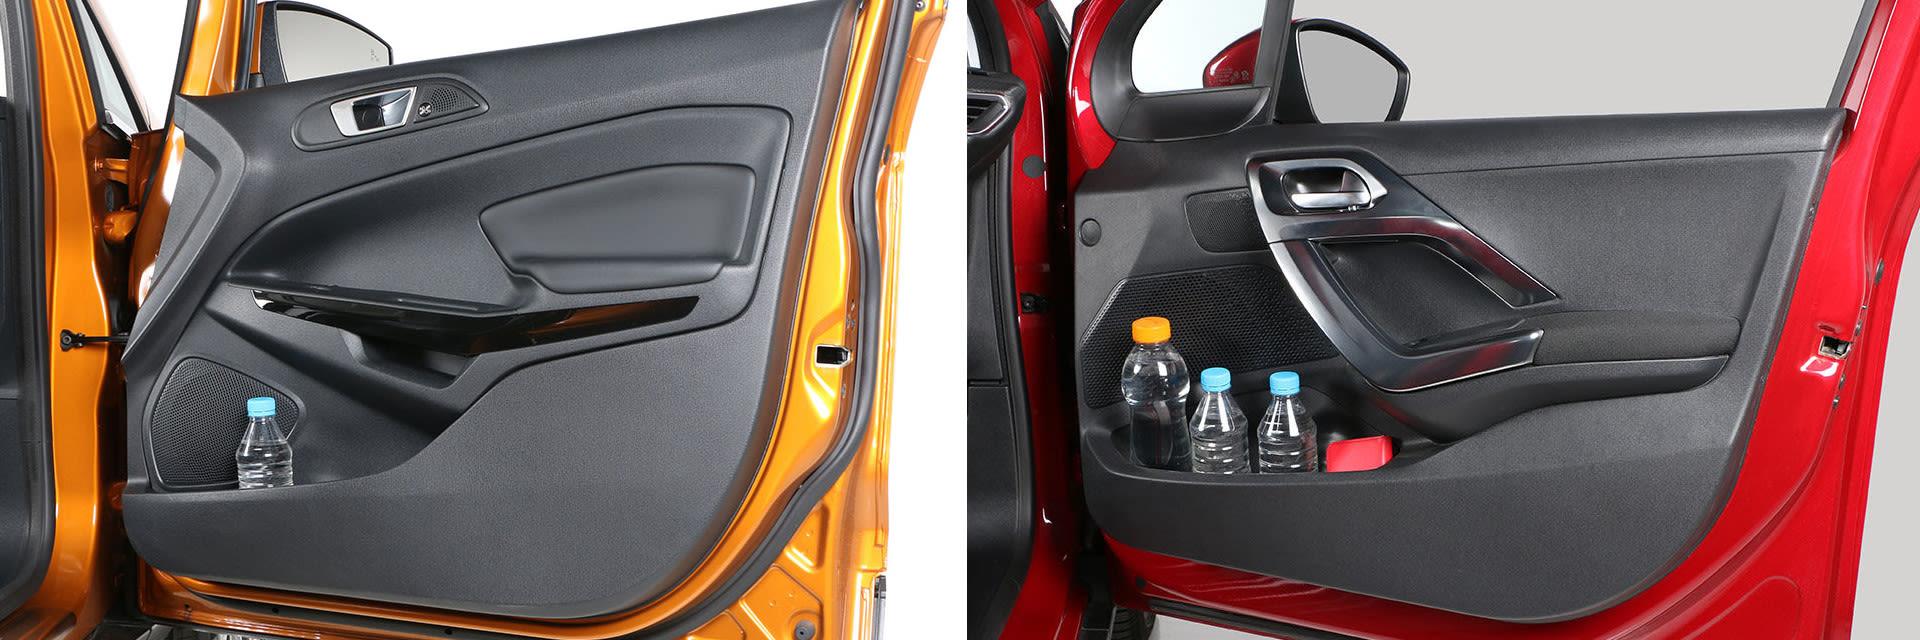 Ambos modelos tienen distintos huecos portaobjetos repartidos por todo el interior.